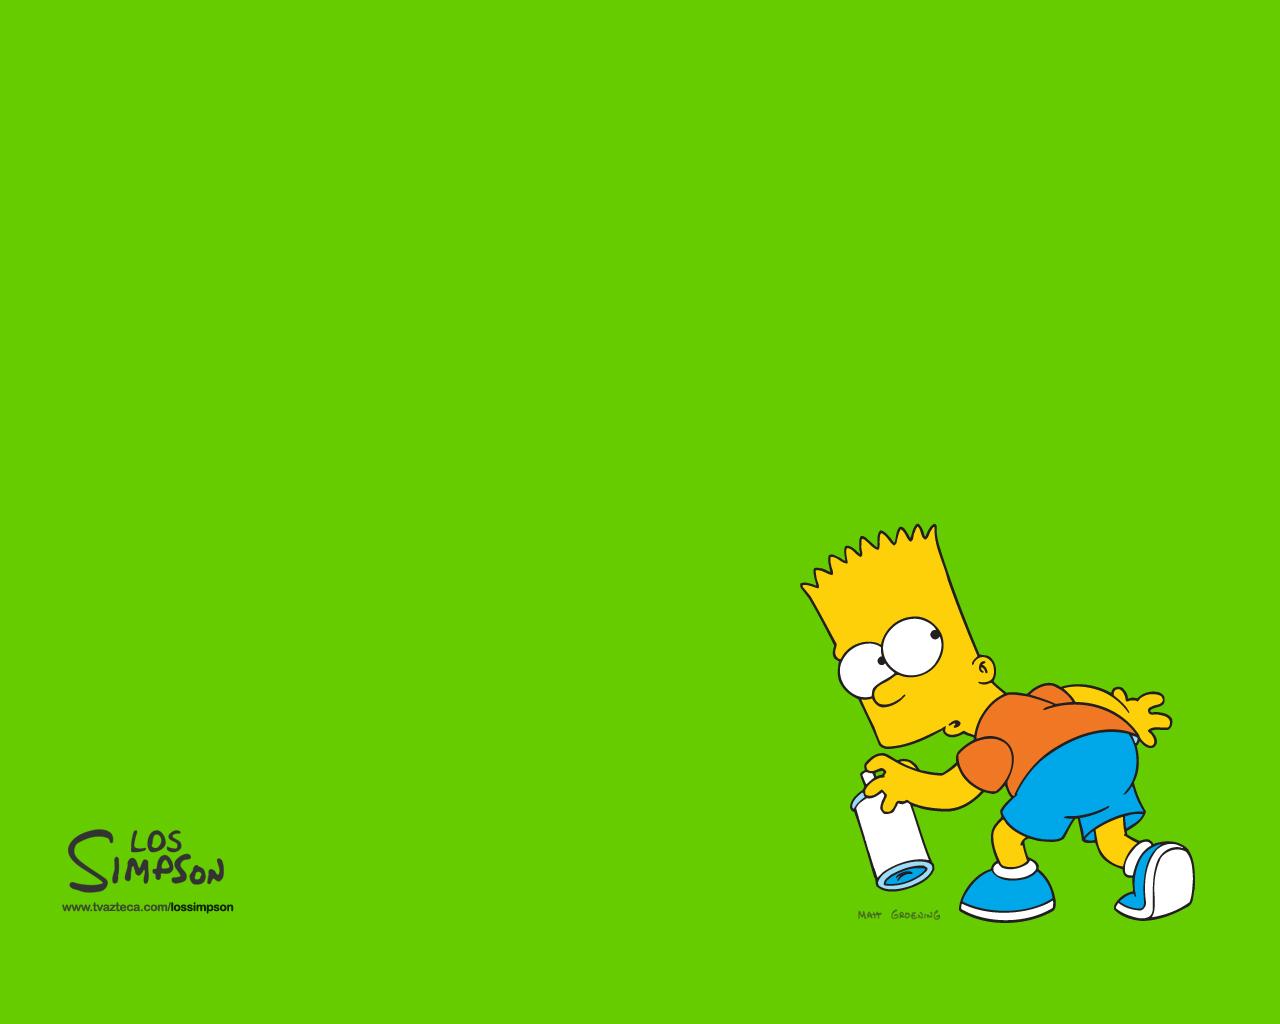 Descargar Wallpapers de Bart Simpson Gratis 1280x1024